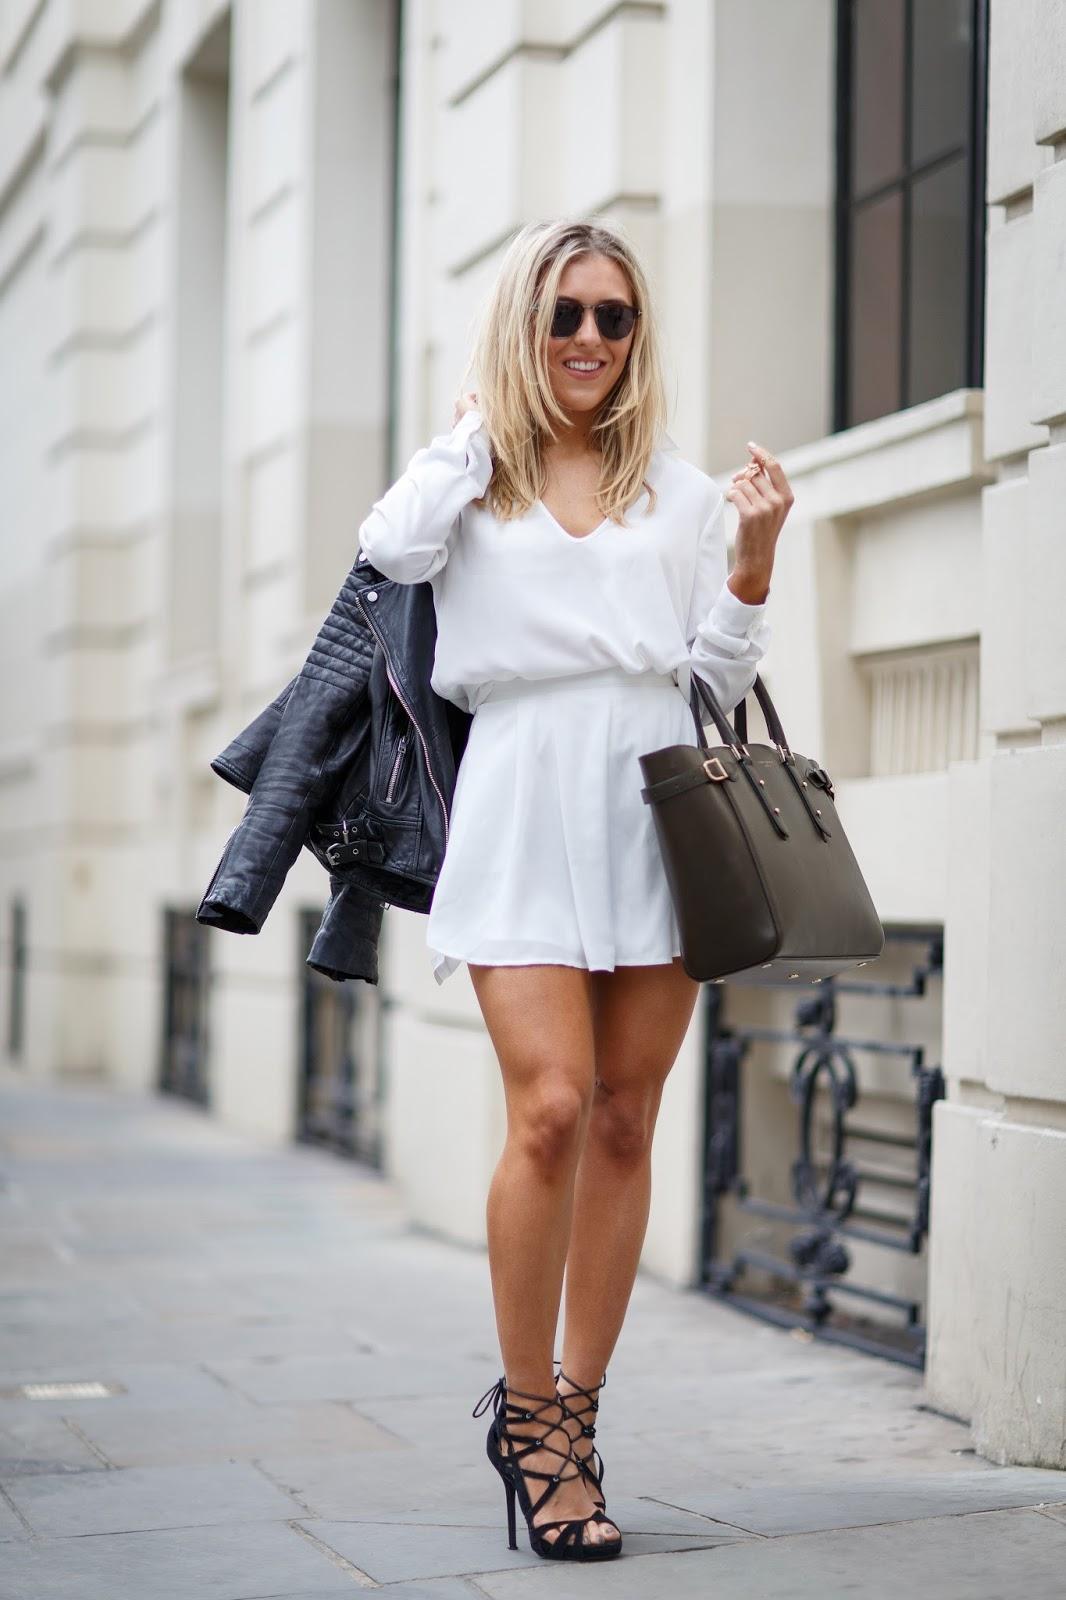 uk fashion style blogger